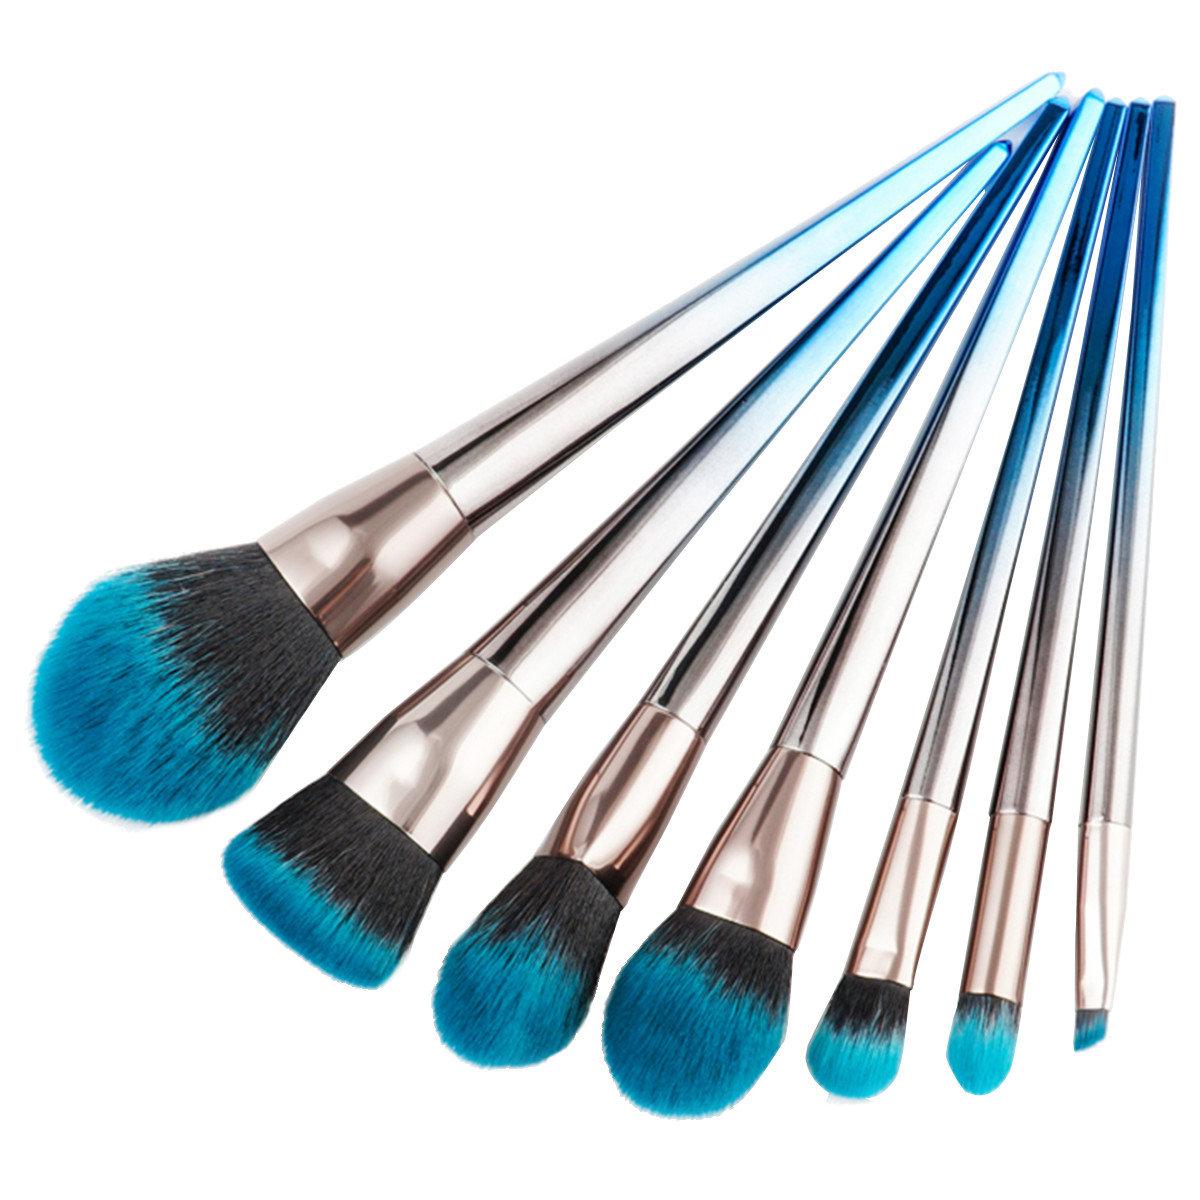 7Pcs Makeup Brushes Foundation Eyeshadow Eyeliner Lip Brush Cosmetic Set Kit